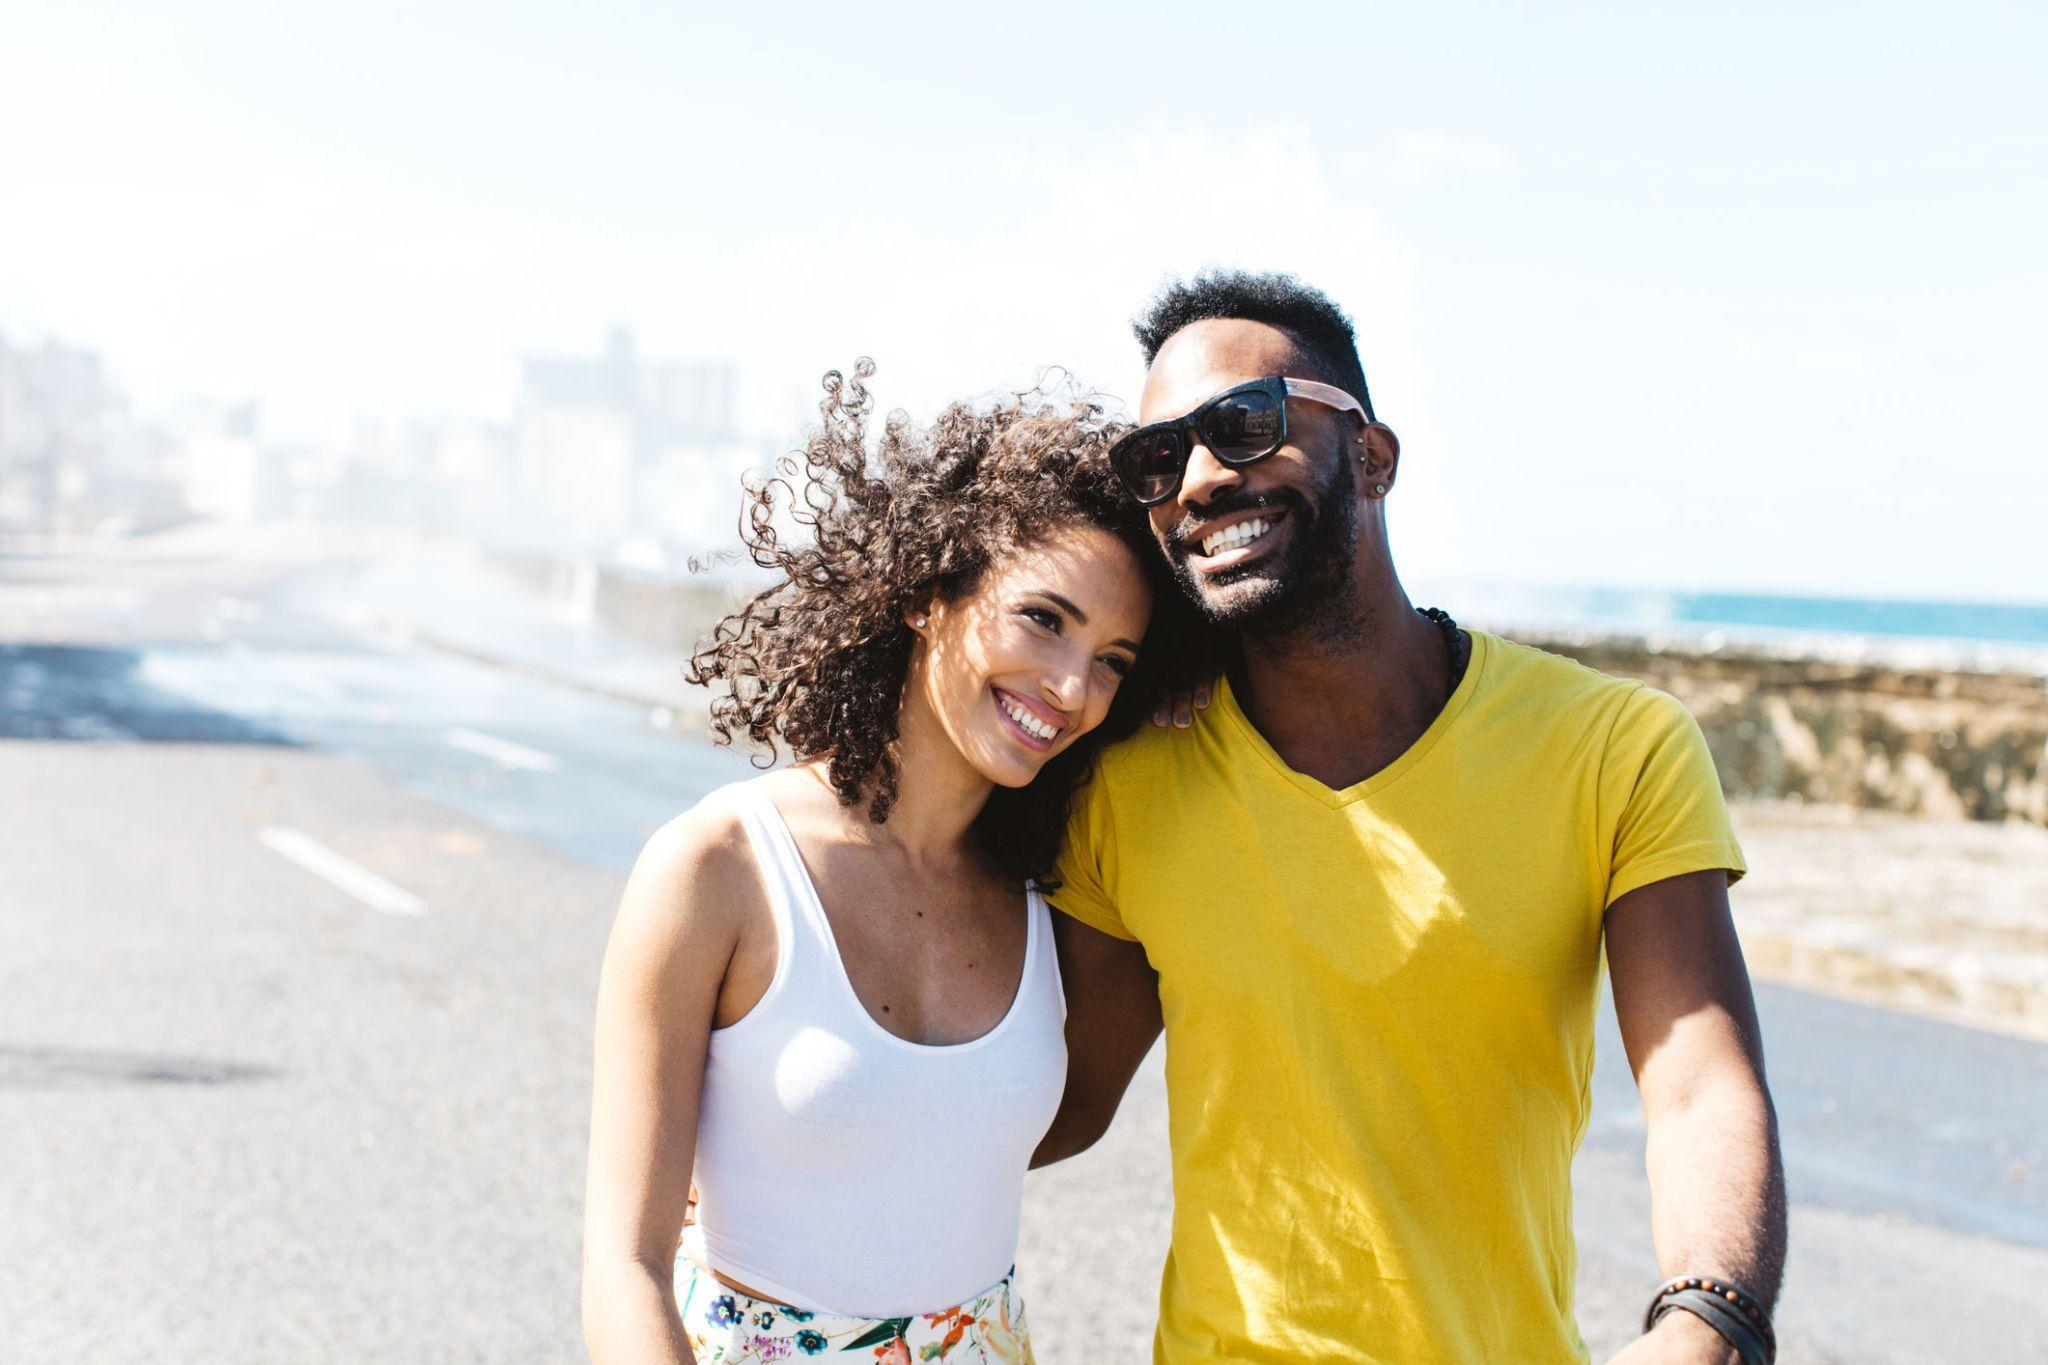 Waarom zou pack dating populair zijn